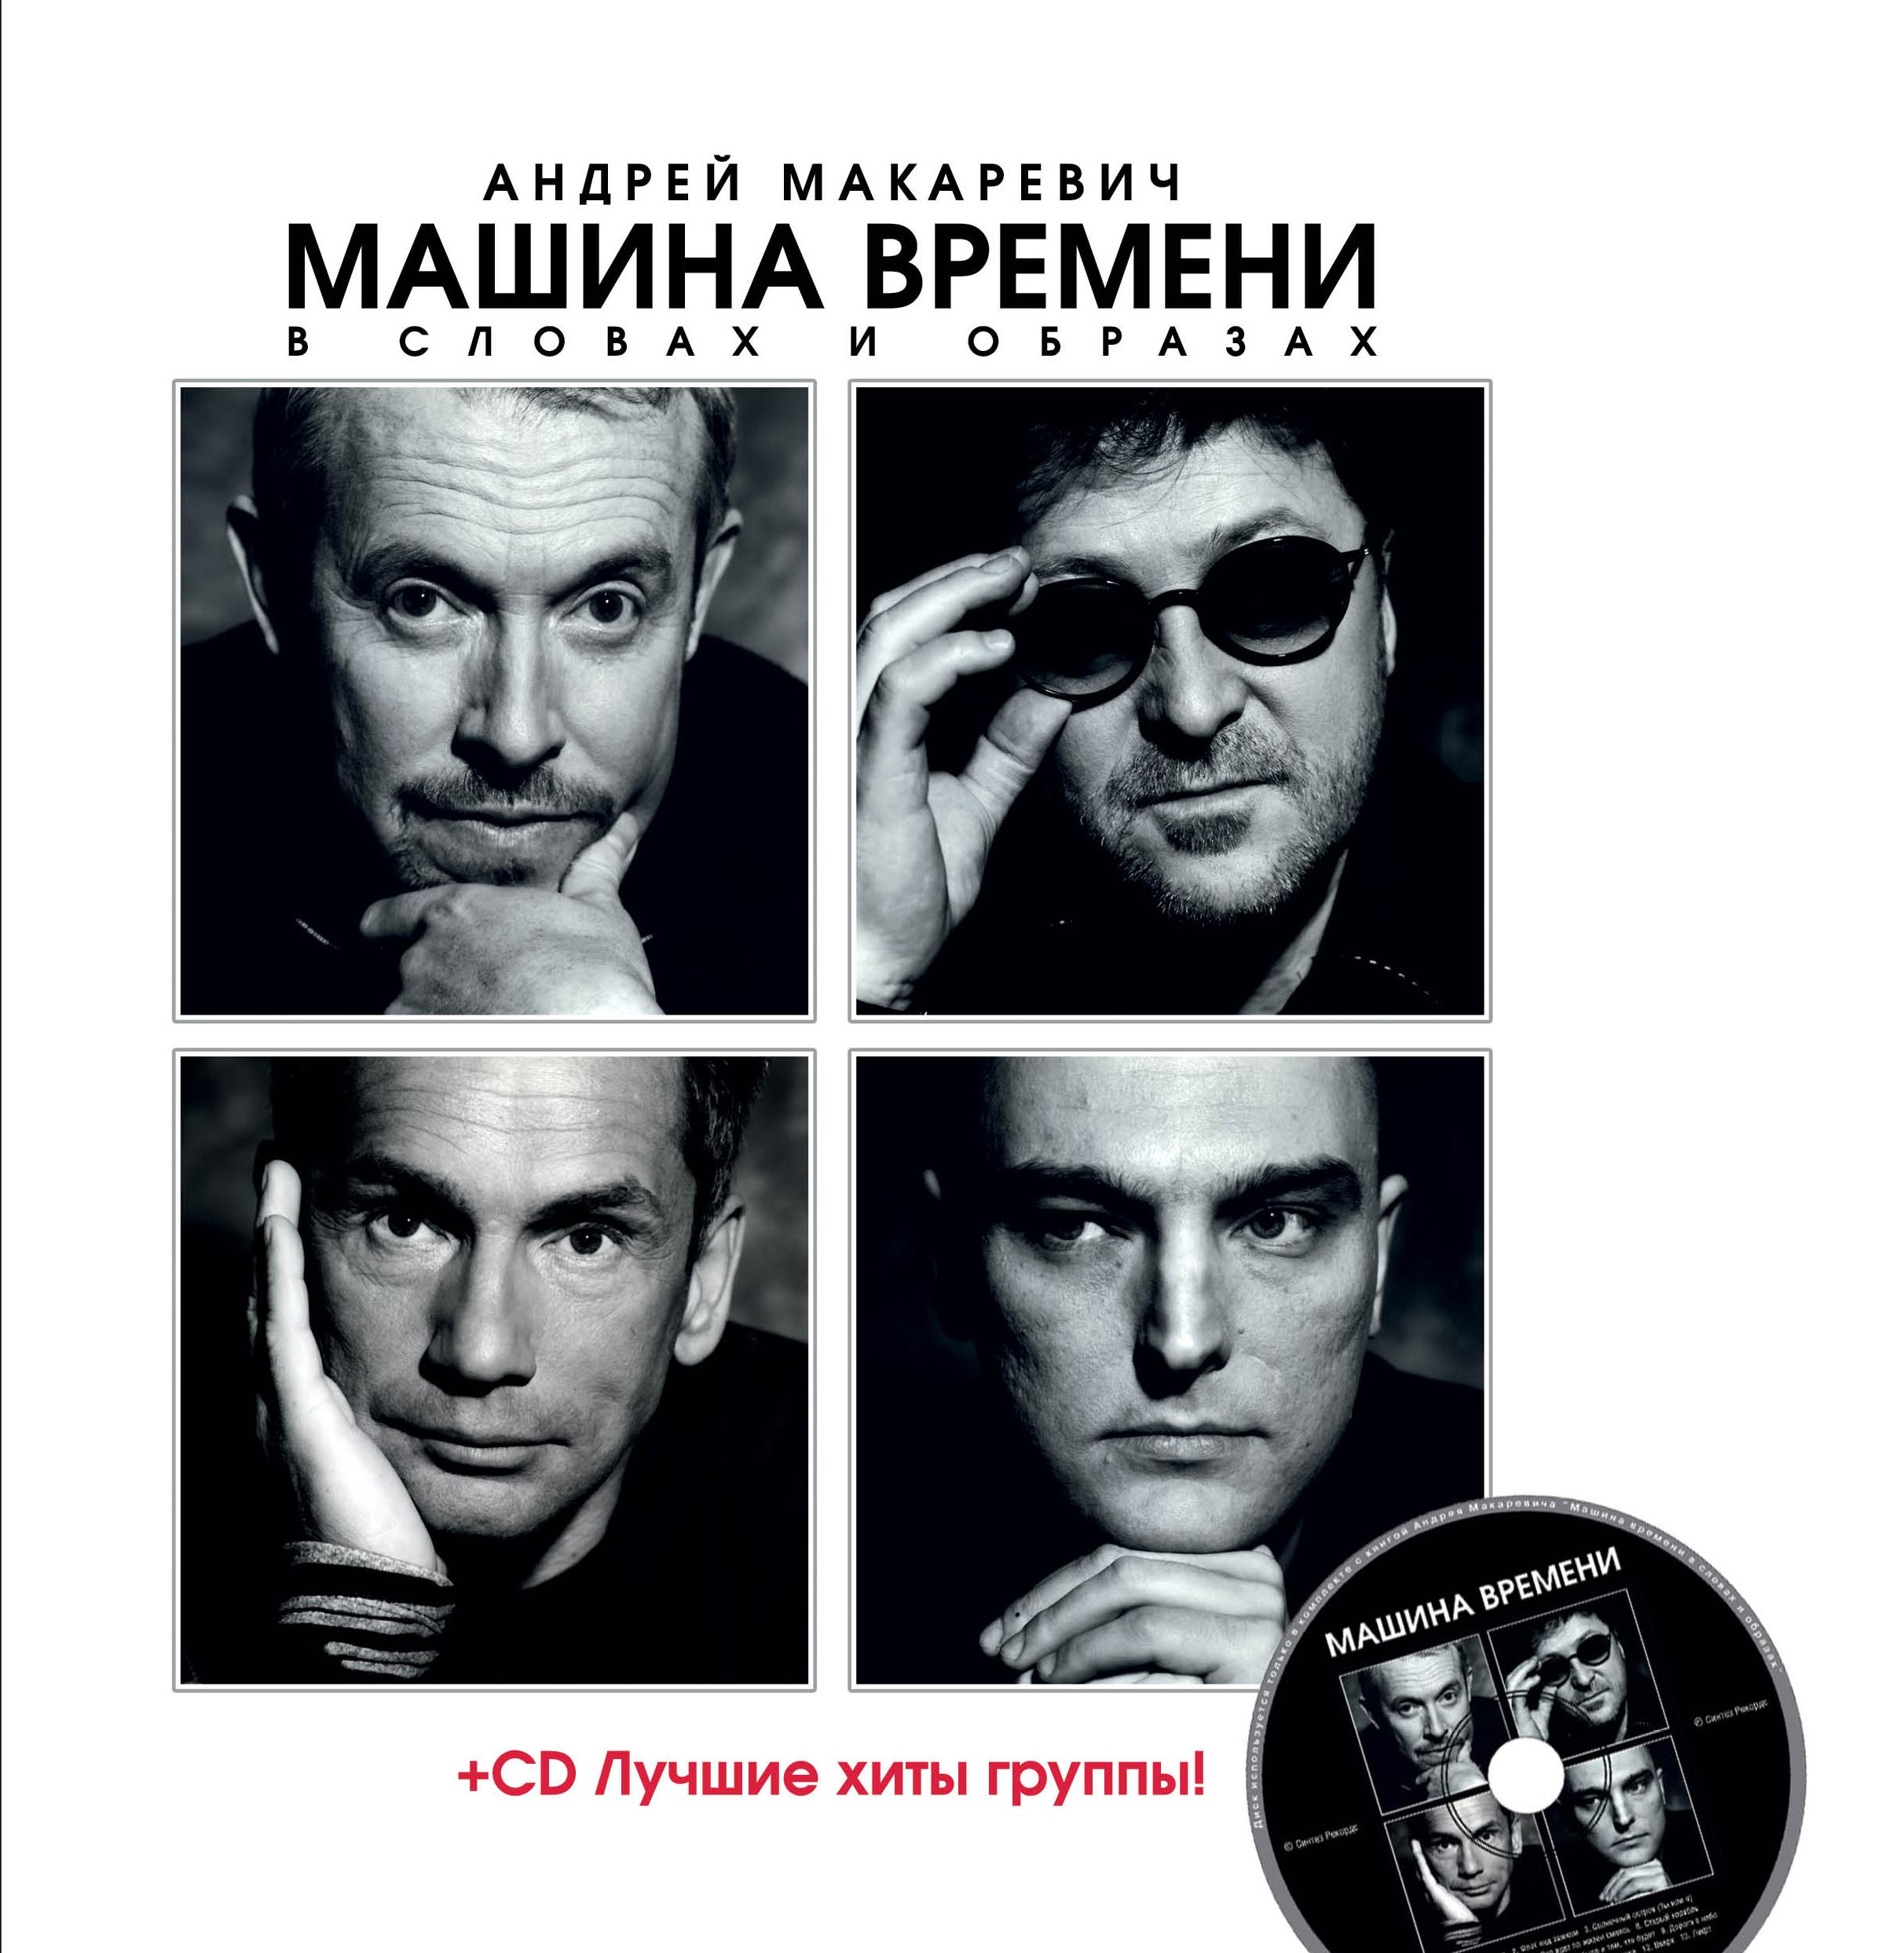 """""""Машина Времени"""" в словах и образах (+ CD)"""